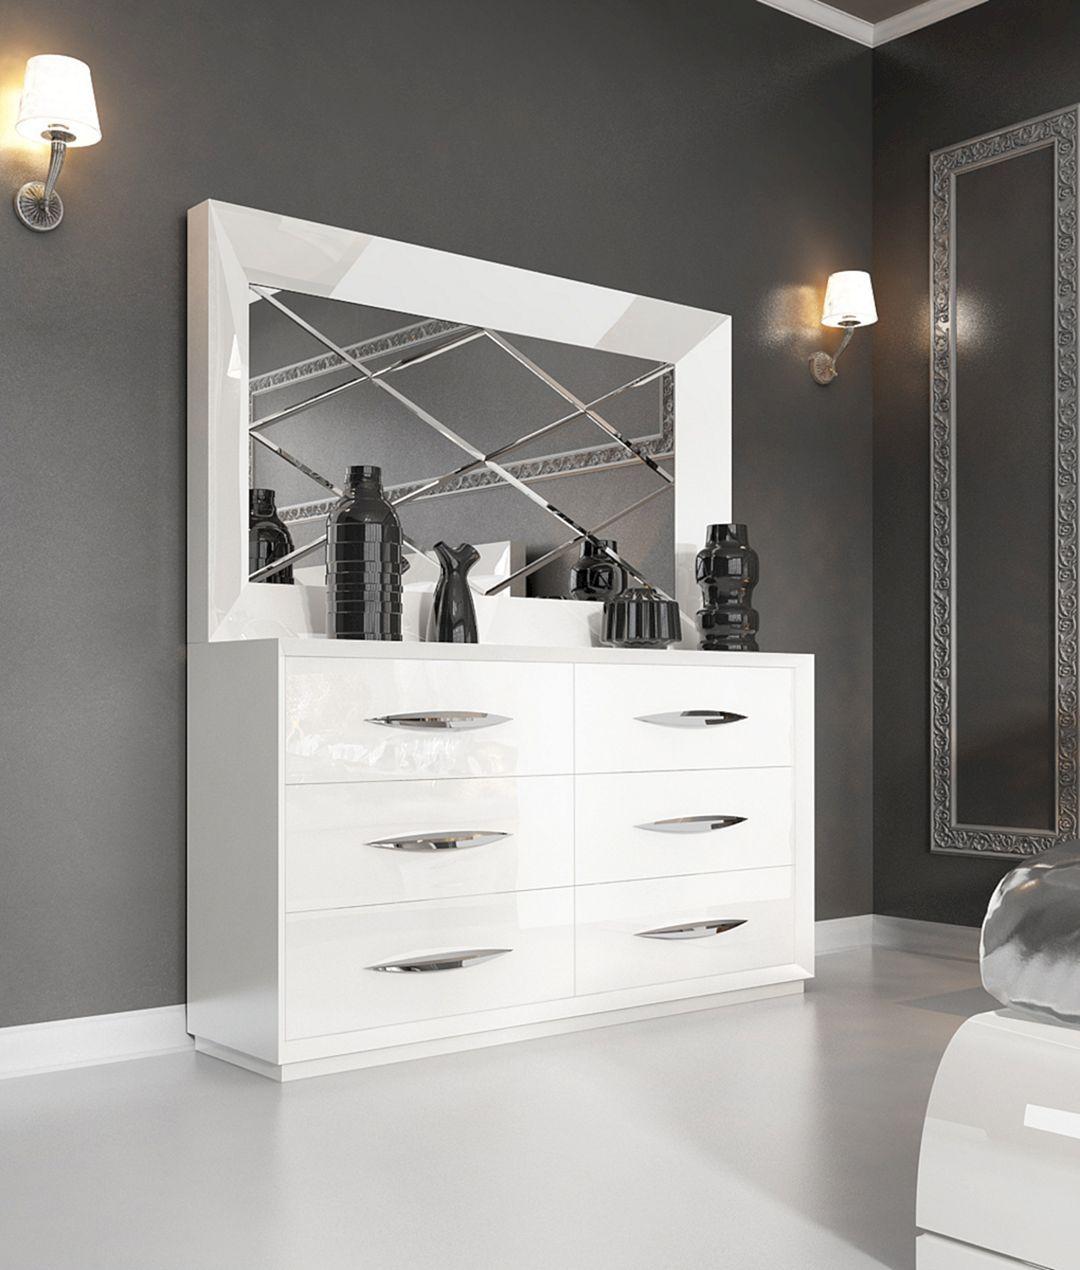 Dsc03157 768x1024 Jpg 768 1024 Dresser With Mirror White